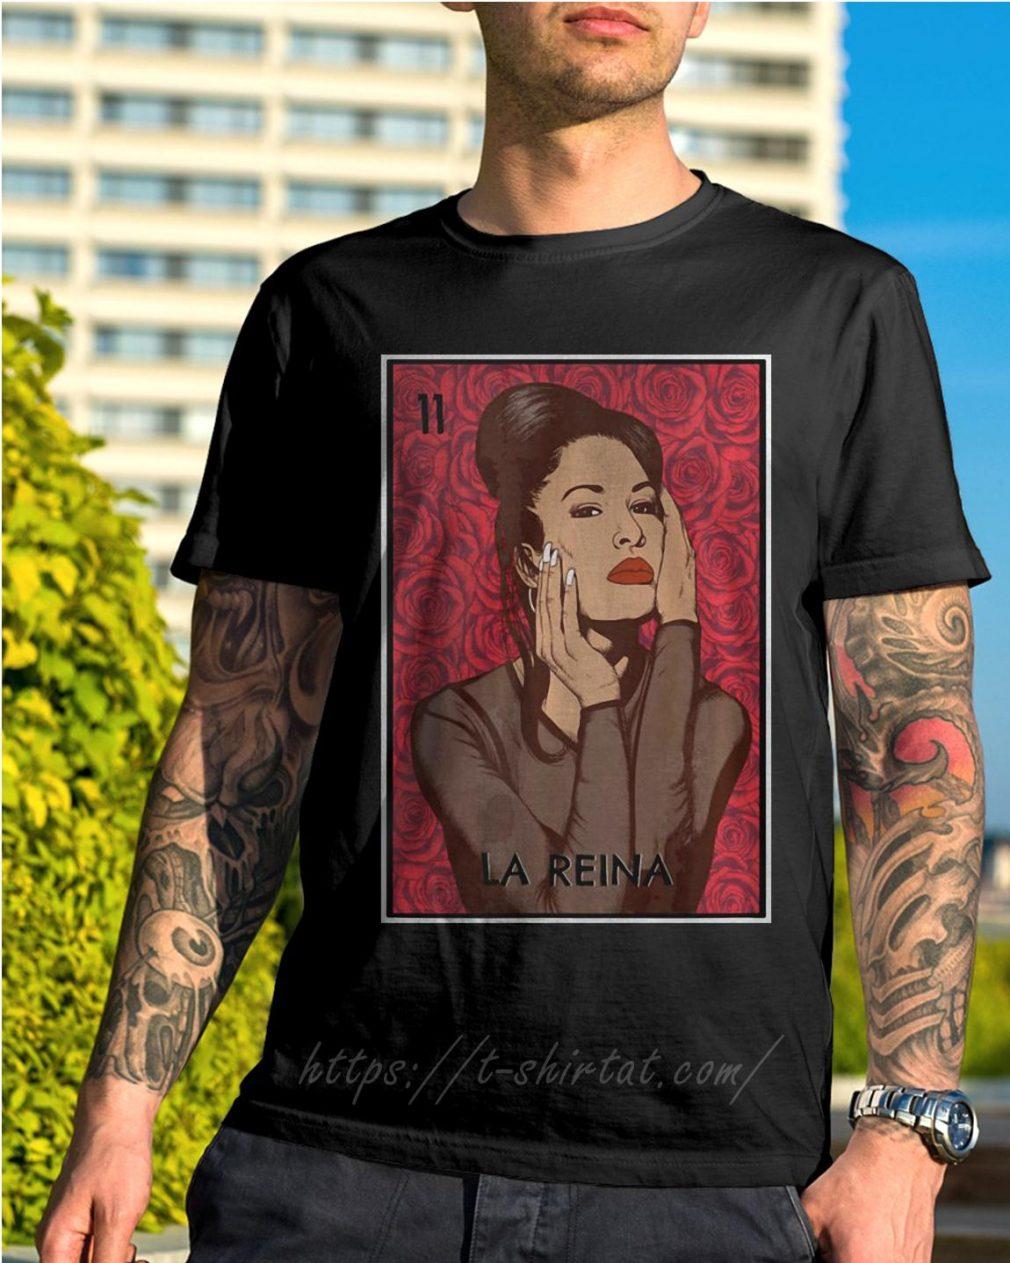 Selena Quintanilla La Reina shirt